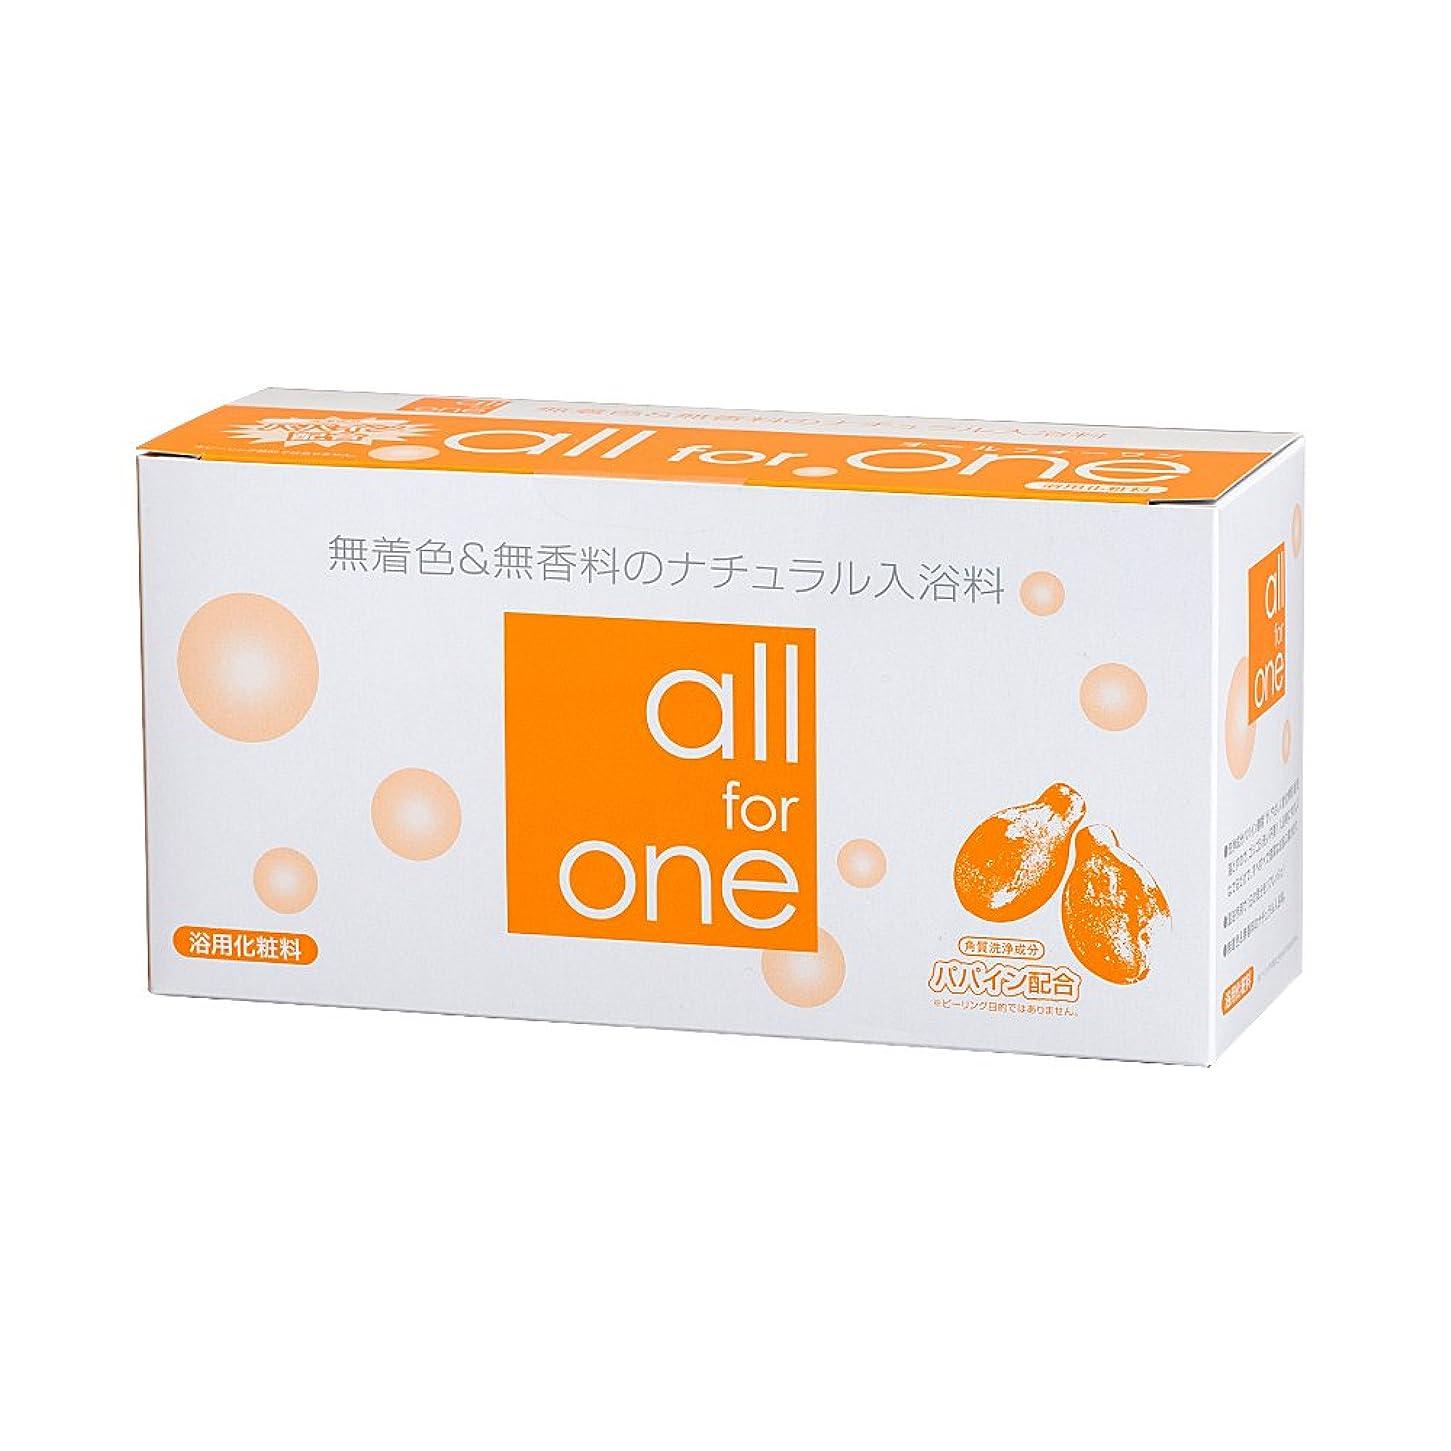 書くしょっぱいぬいぐるみパパイン酵素配合 無着色&無香料 ナチュラル入浴剤 all for one 30包